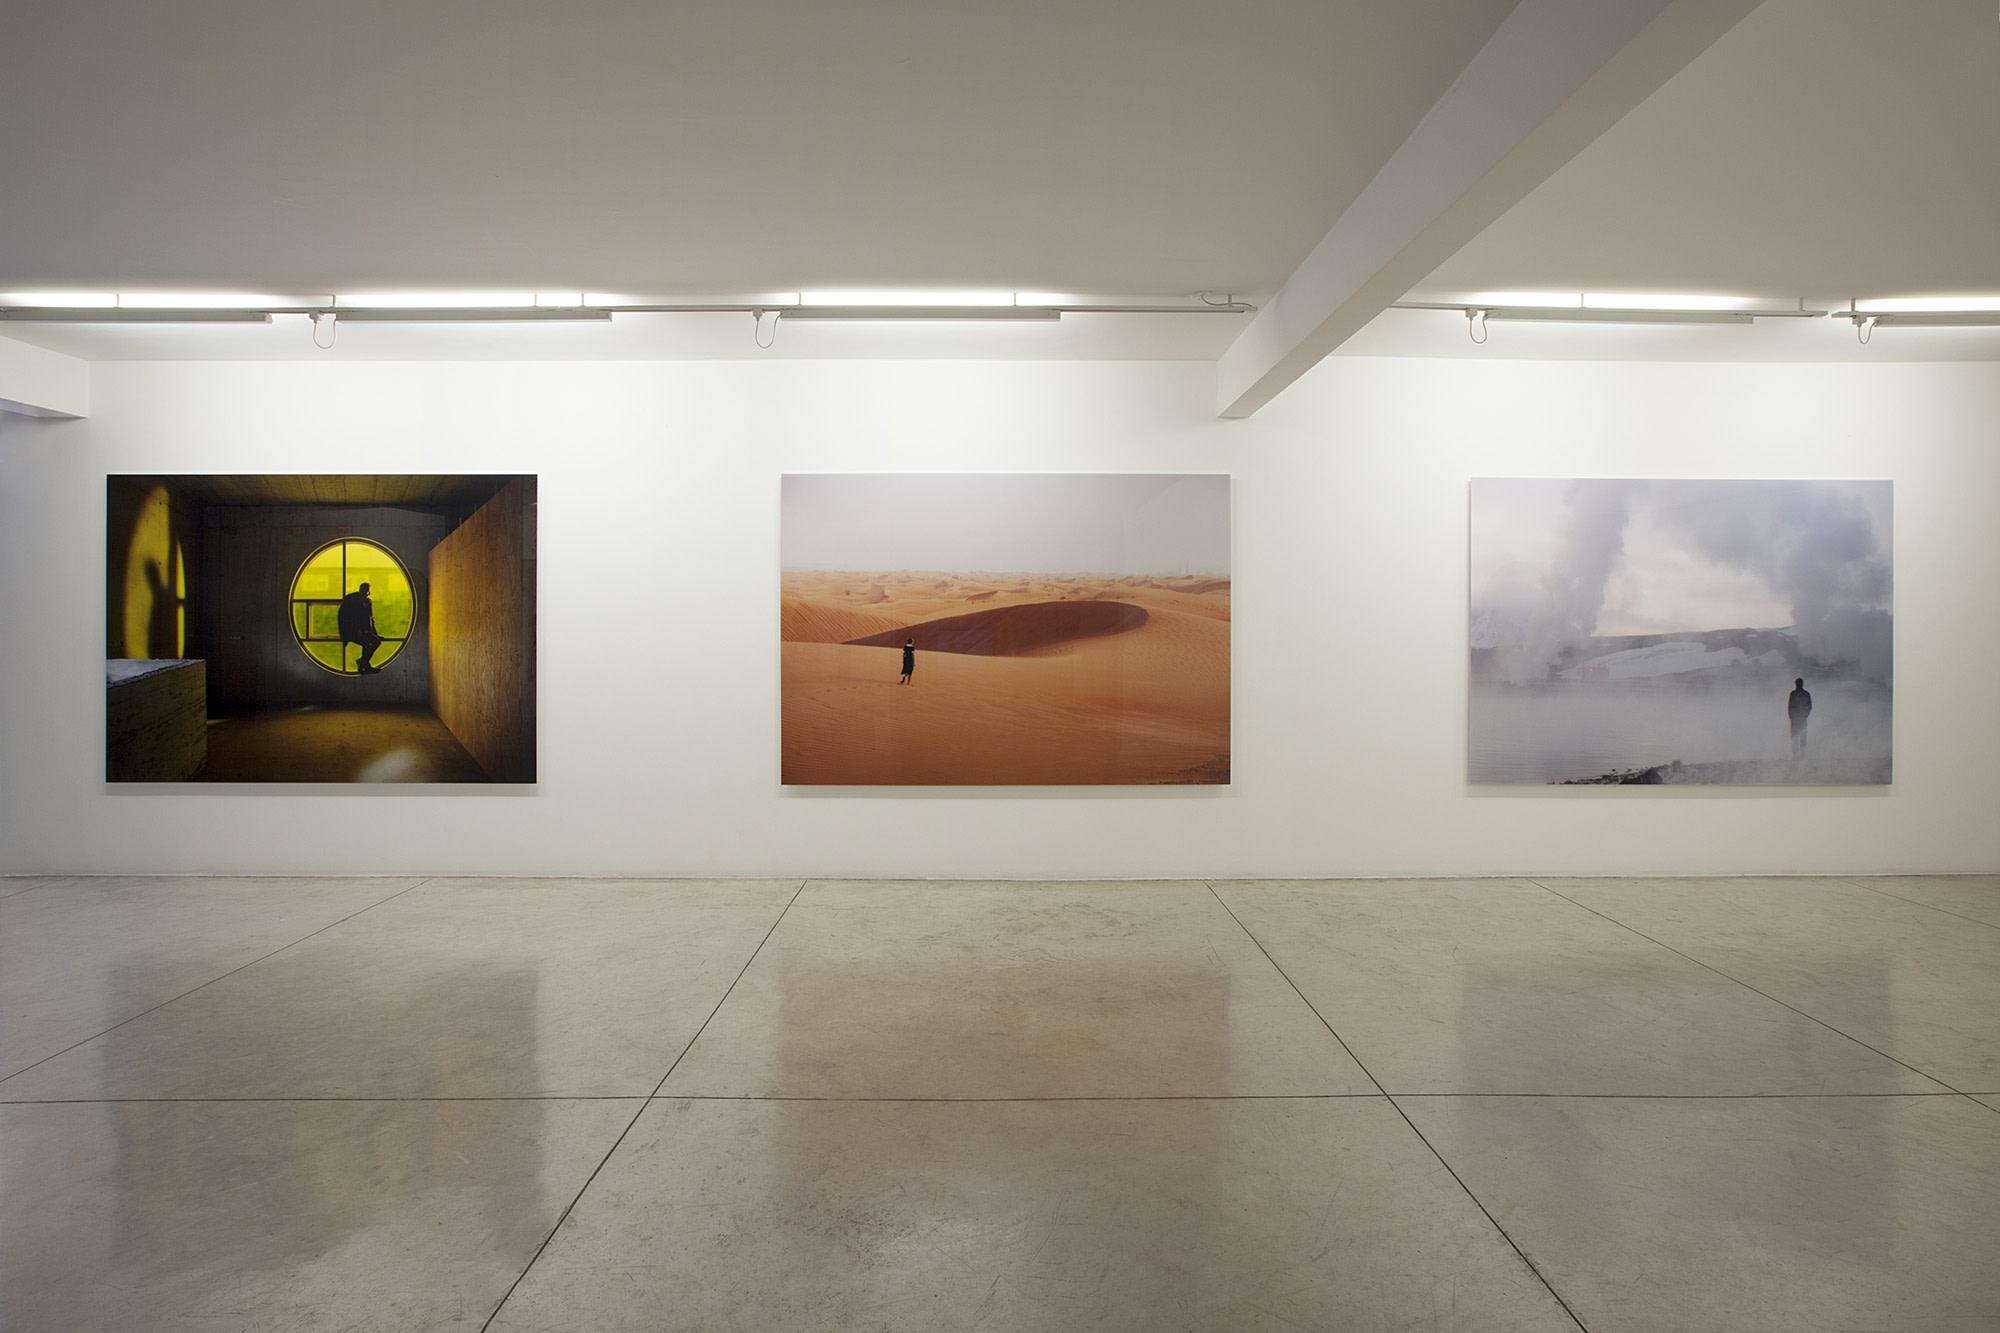 Playtime. Galeria Nara Roesler, São Paulo, 2014